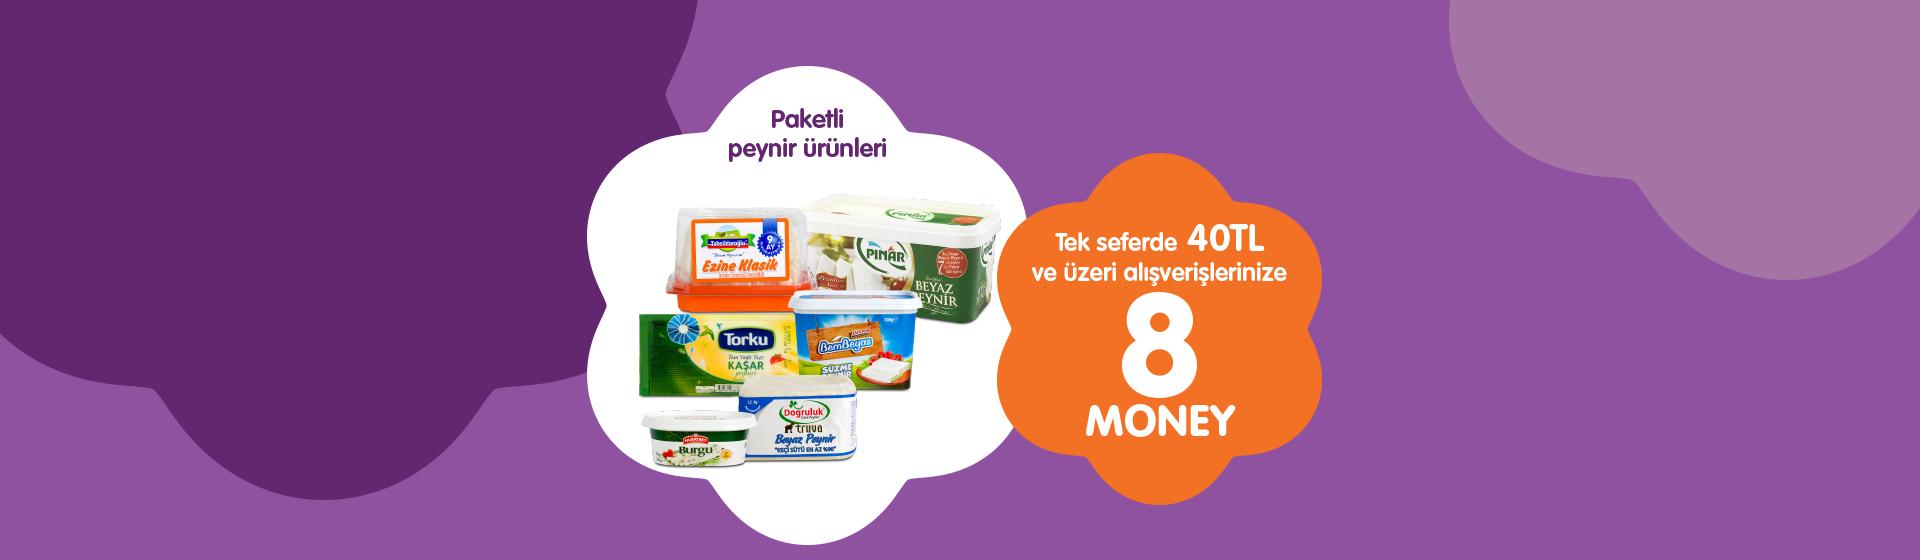 Paketli Peynir Money Kampanyası